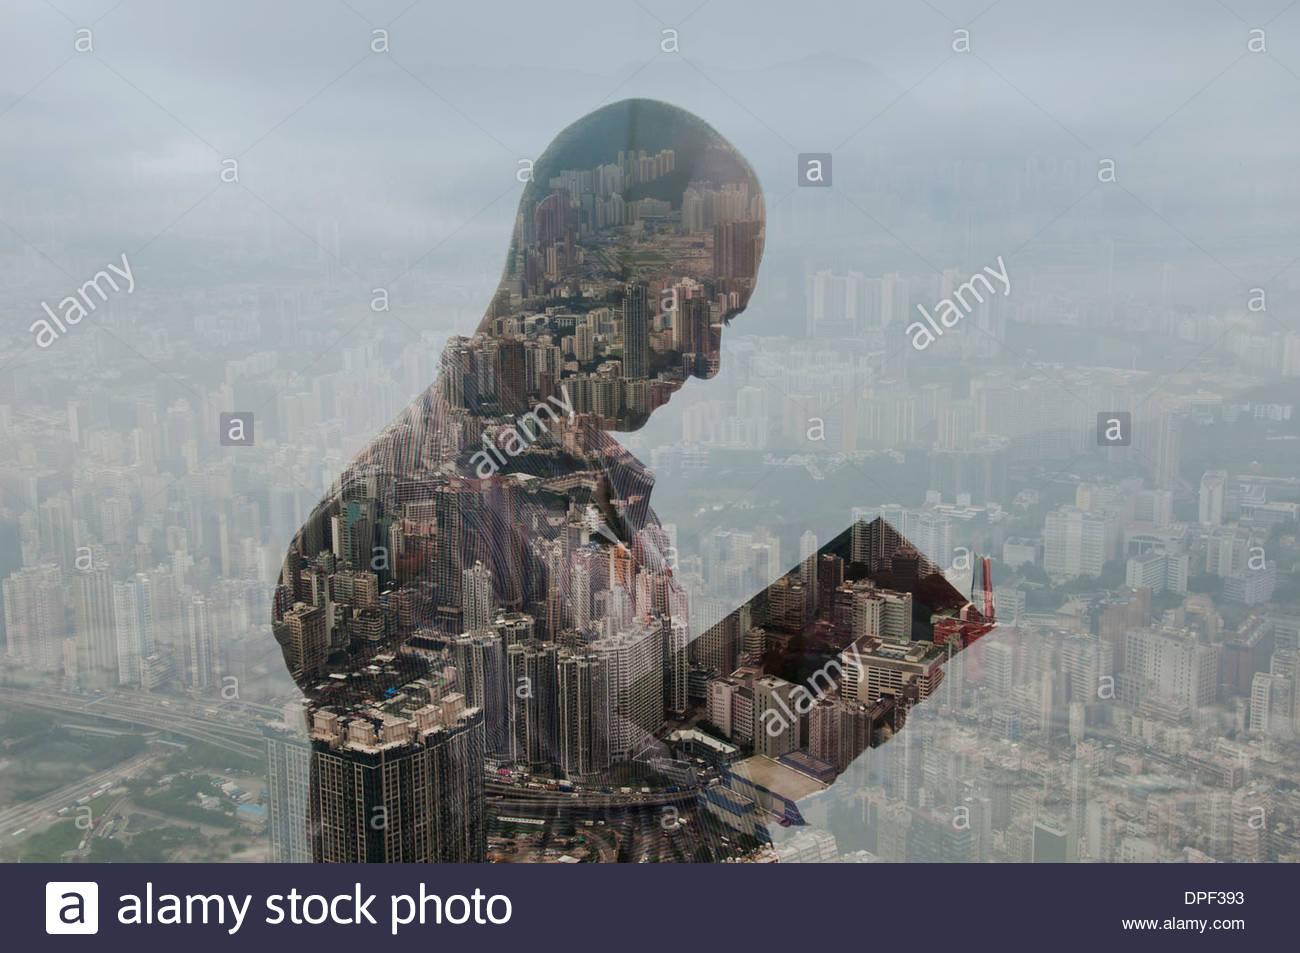 Empresario celebración diario y del paisaje urbano de Hong Kong, la imagen compuesta Imagen De Stock